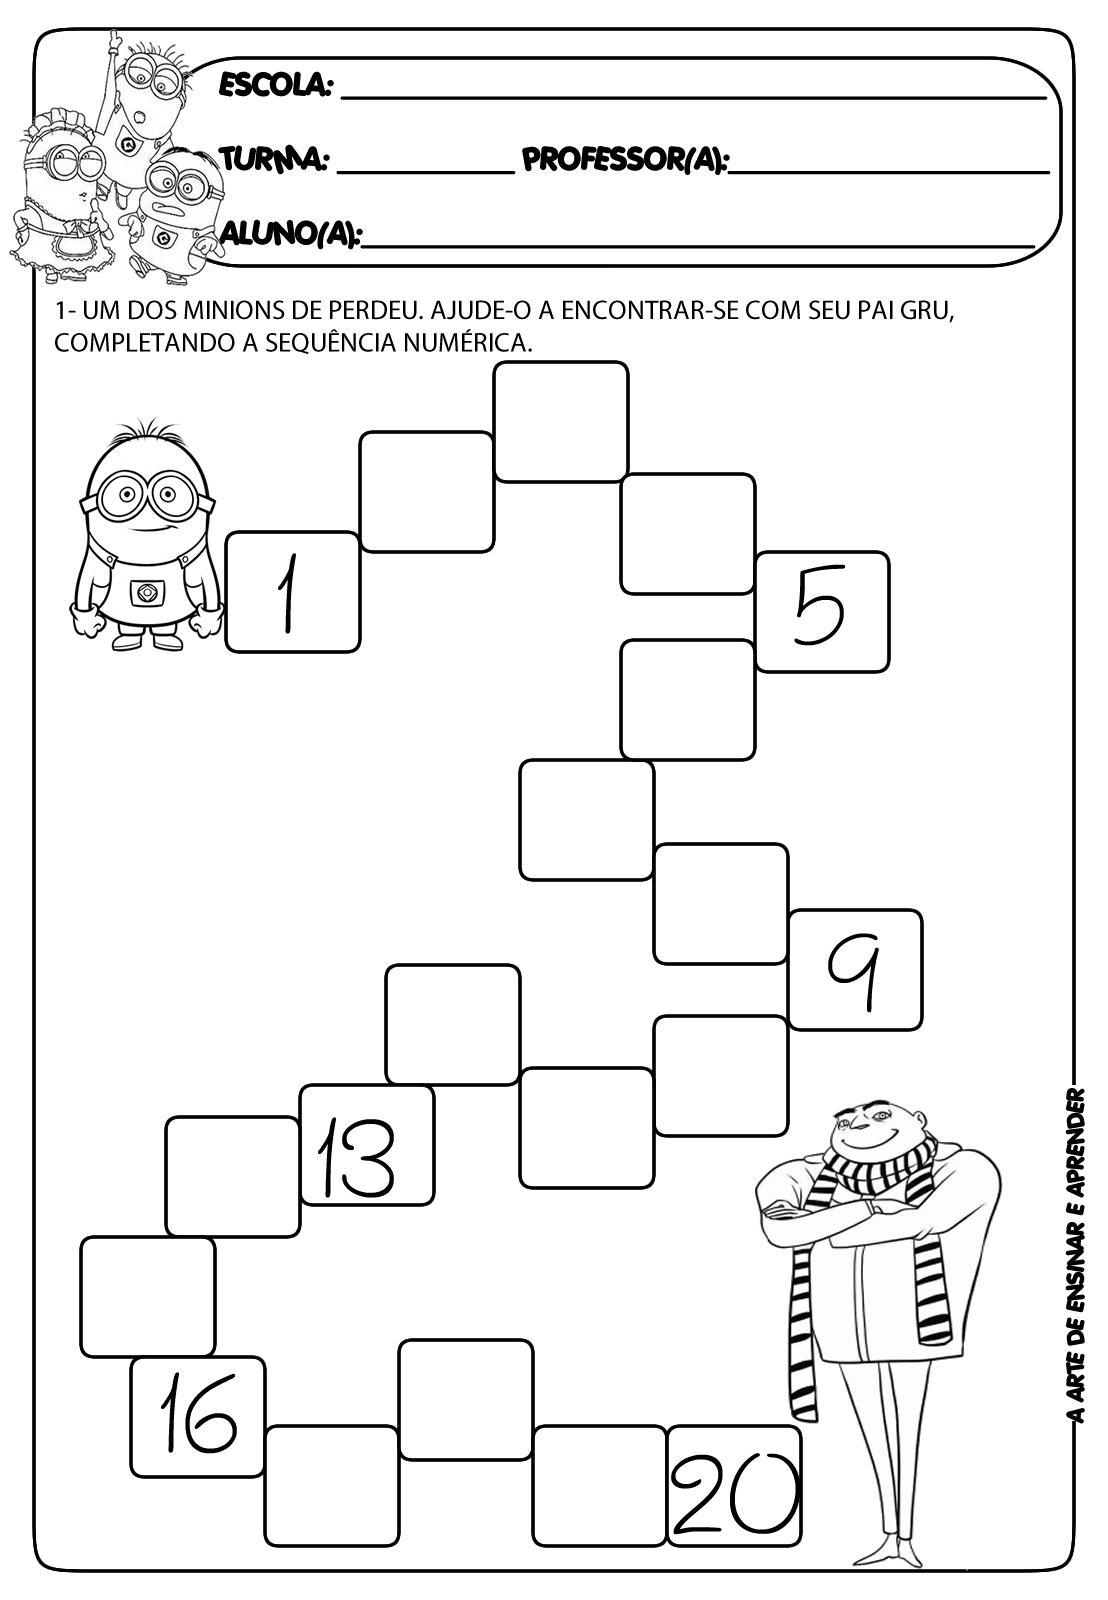 Atividade De Sequencia Numerica Com Tematica